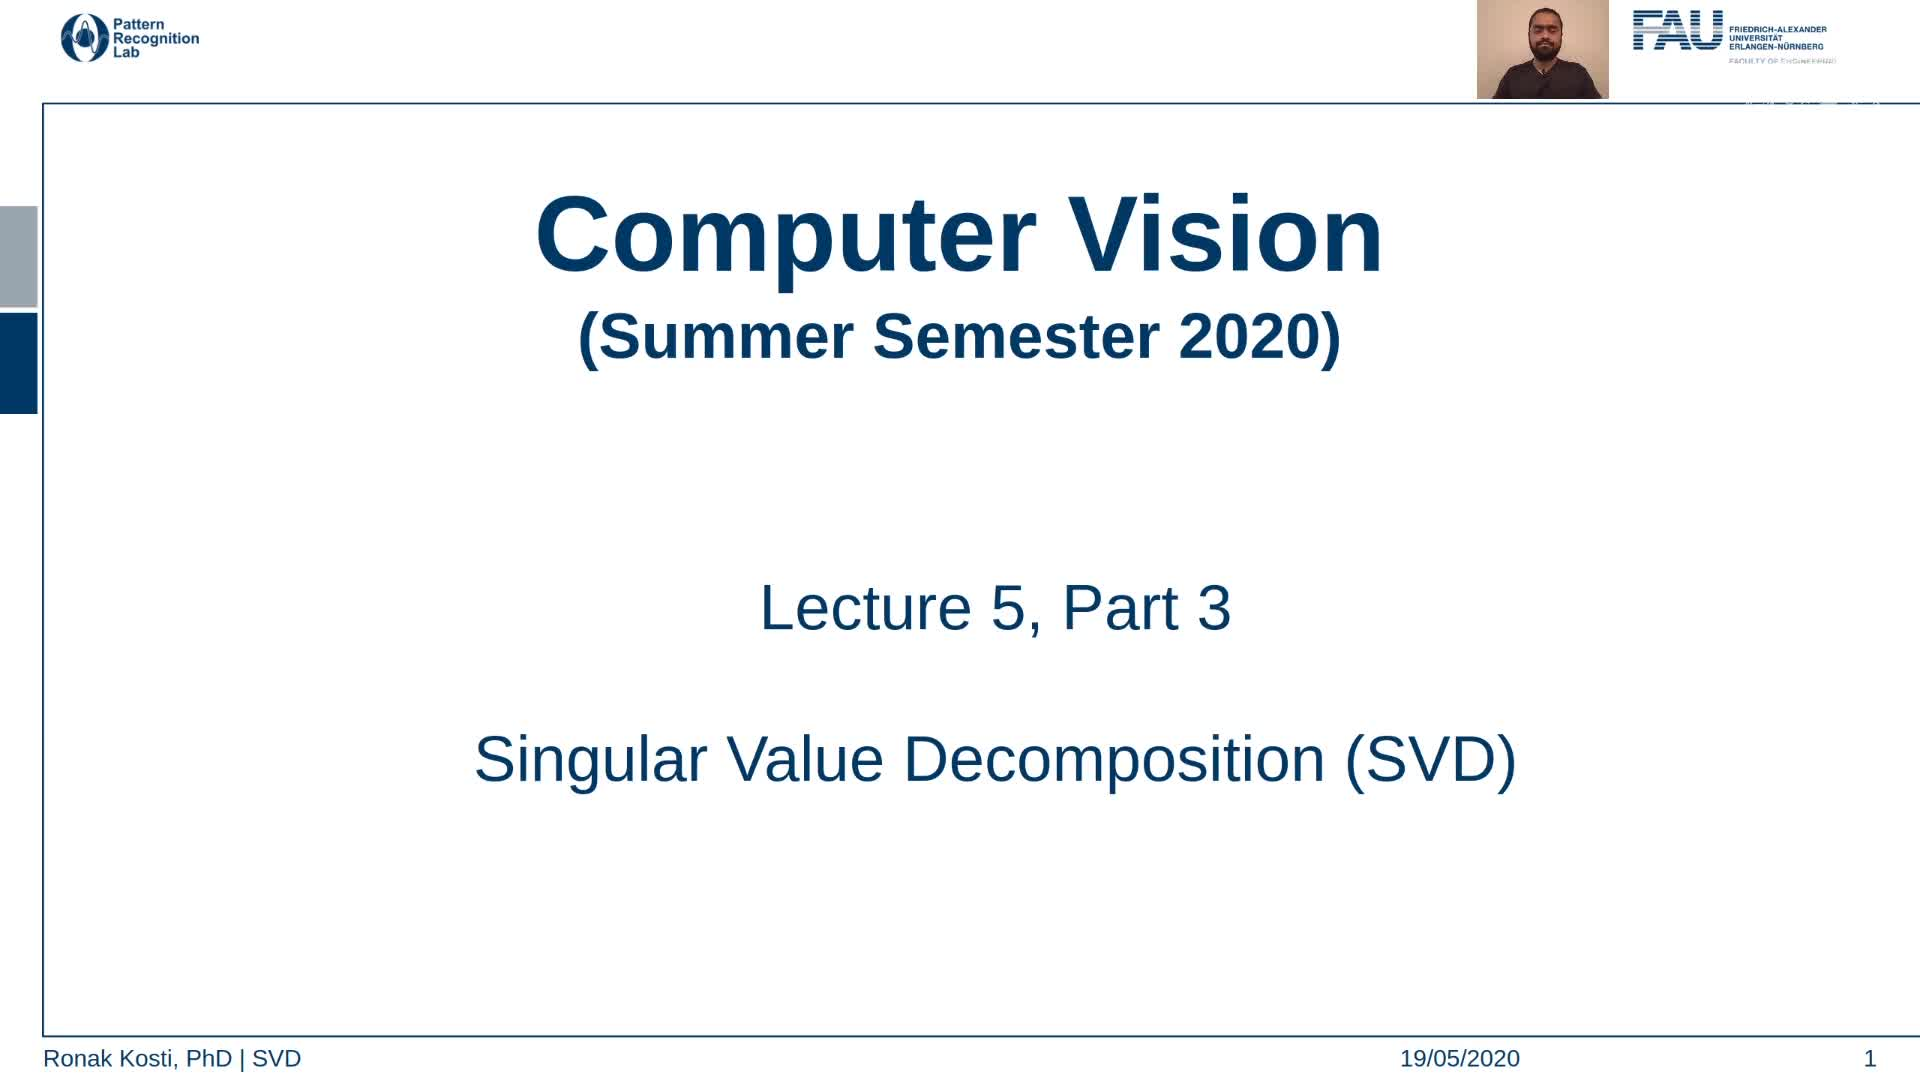 Singular Value Decomposition (Lecture 5, Part 3) preview image